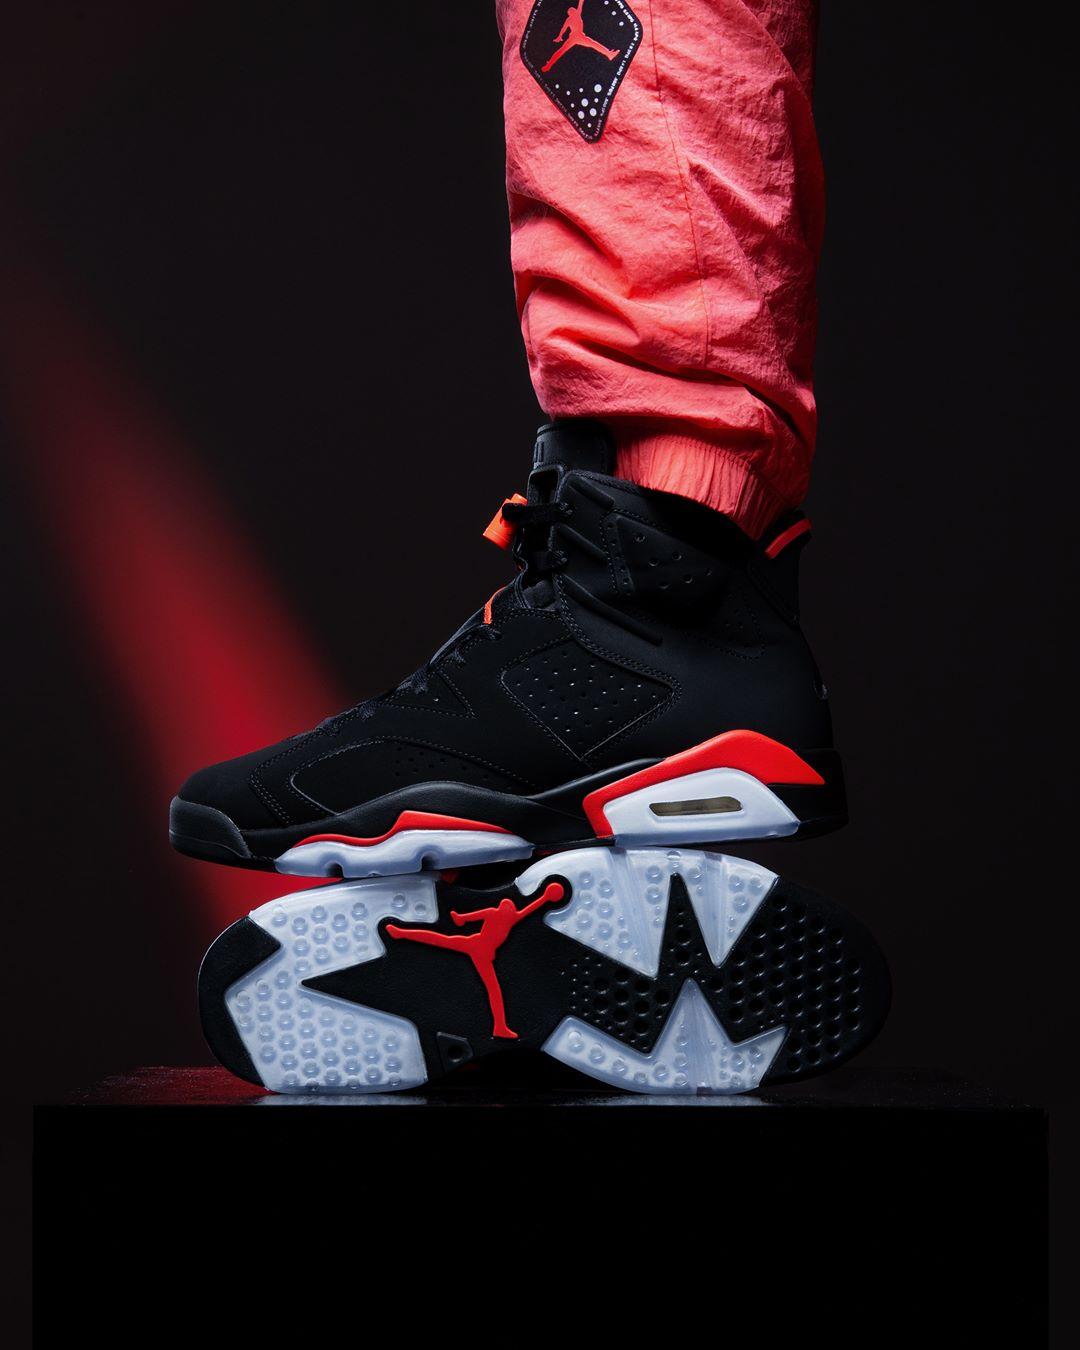 AJ,AJ1,Nike,AJ6  近期球鞋涨价 TOP 10!黑红 AJ6 只排第十,第一名实至名归!